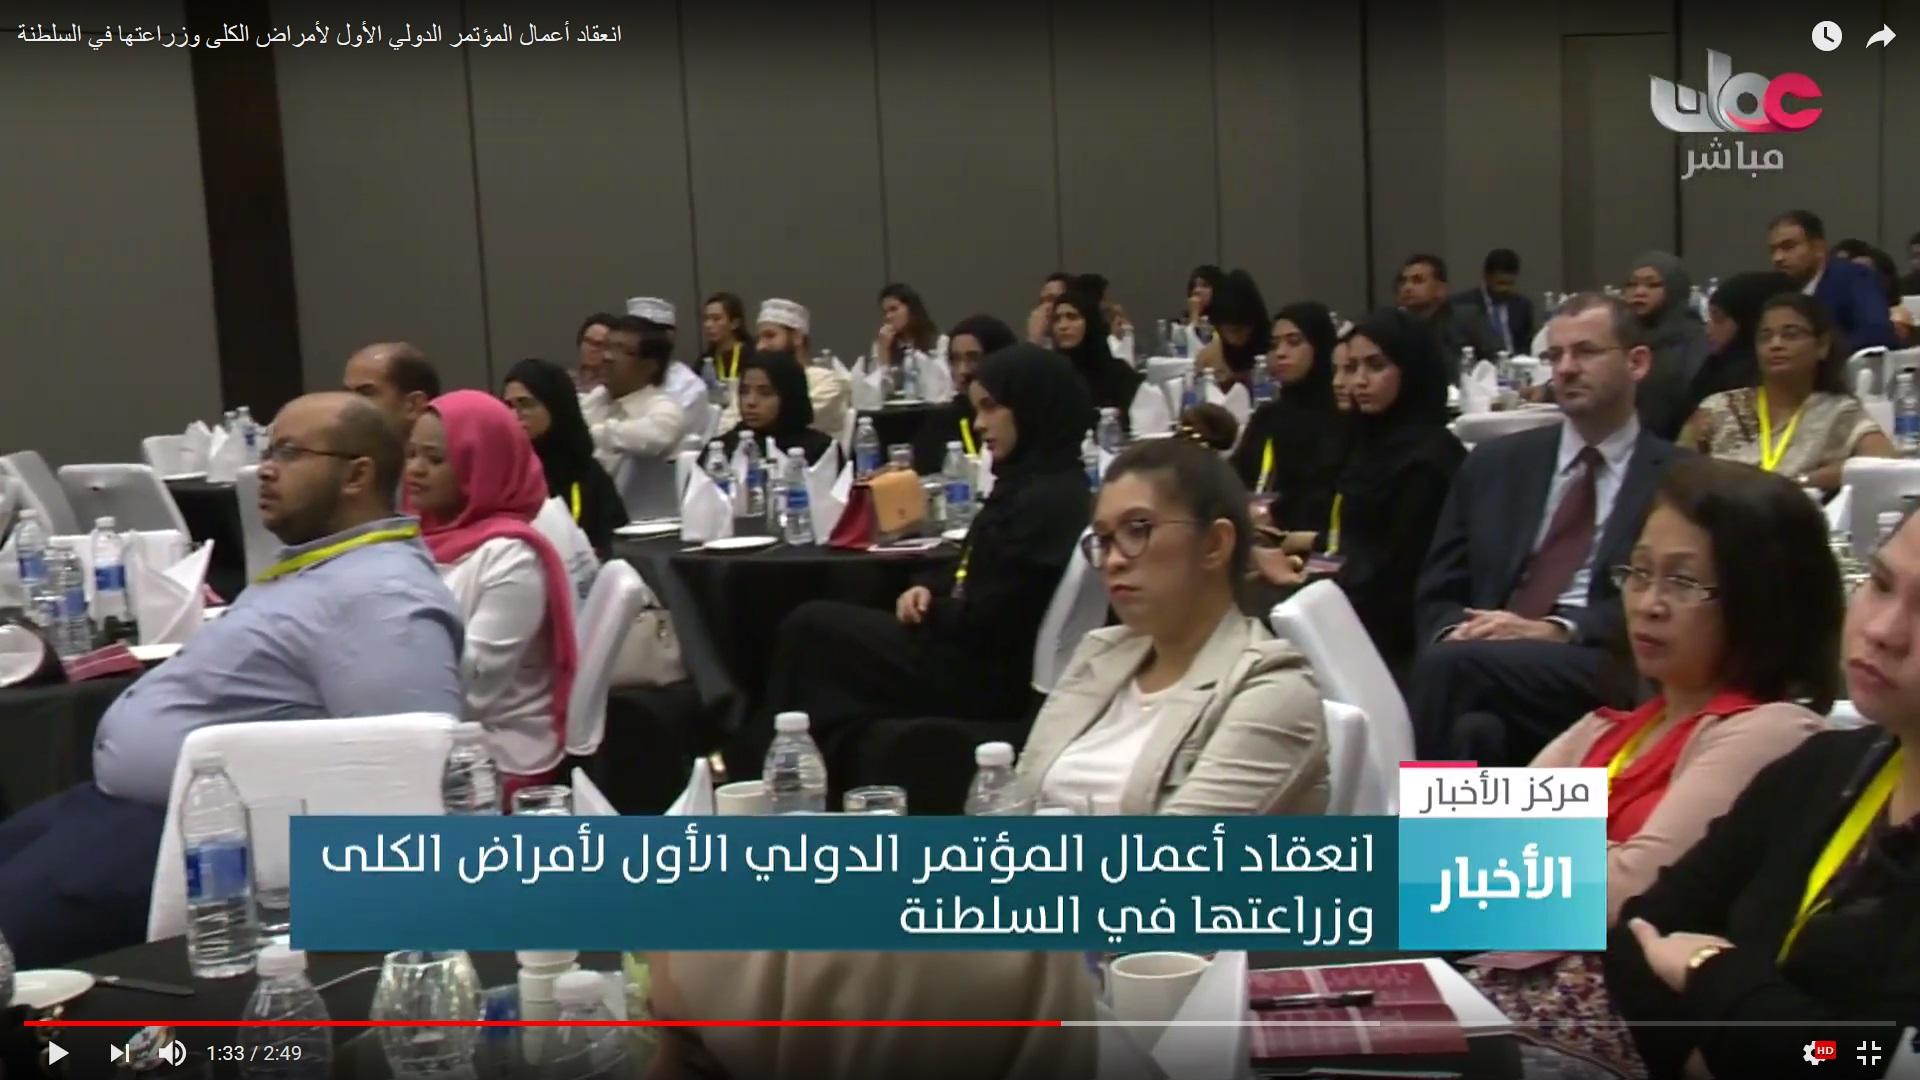 بالفيديو.. انعقاد أعمال المؤتمر الدولي الأول لأمراض الكلى وزراعتها في السلطنة